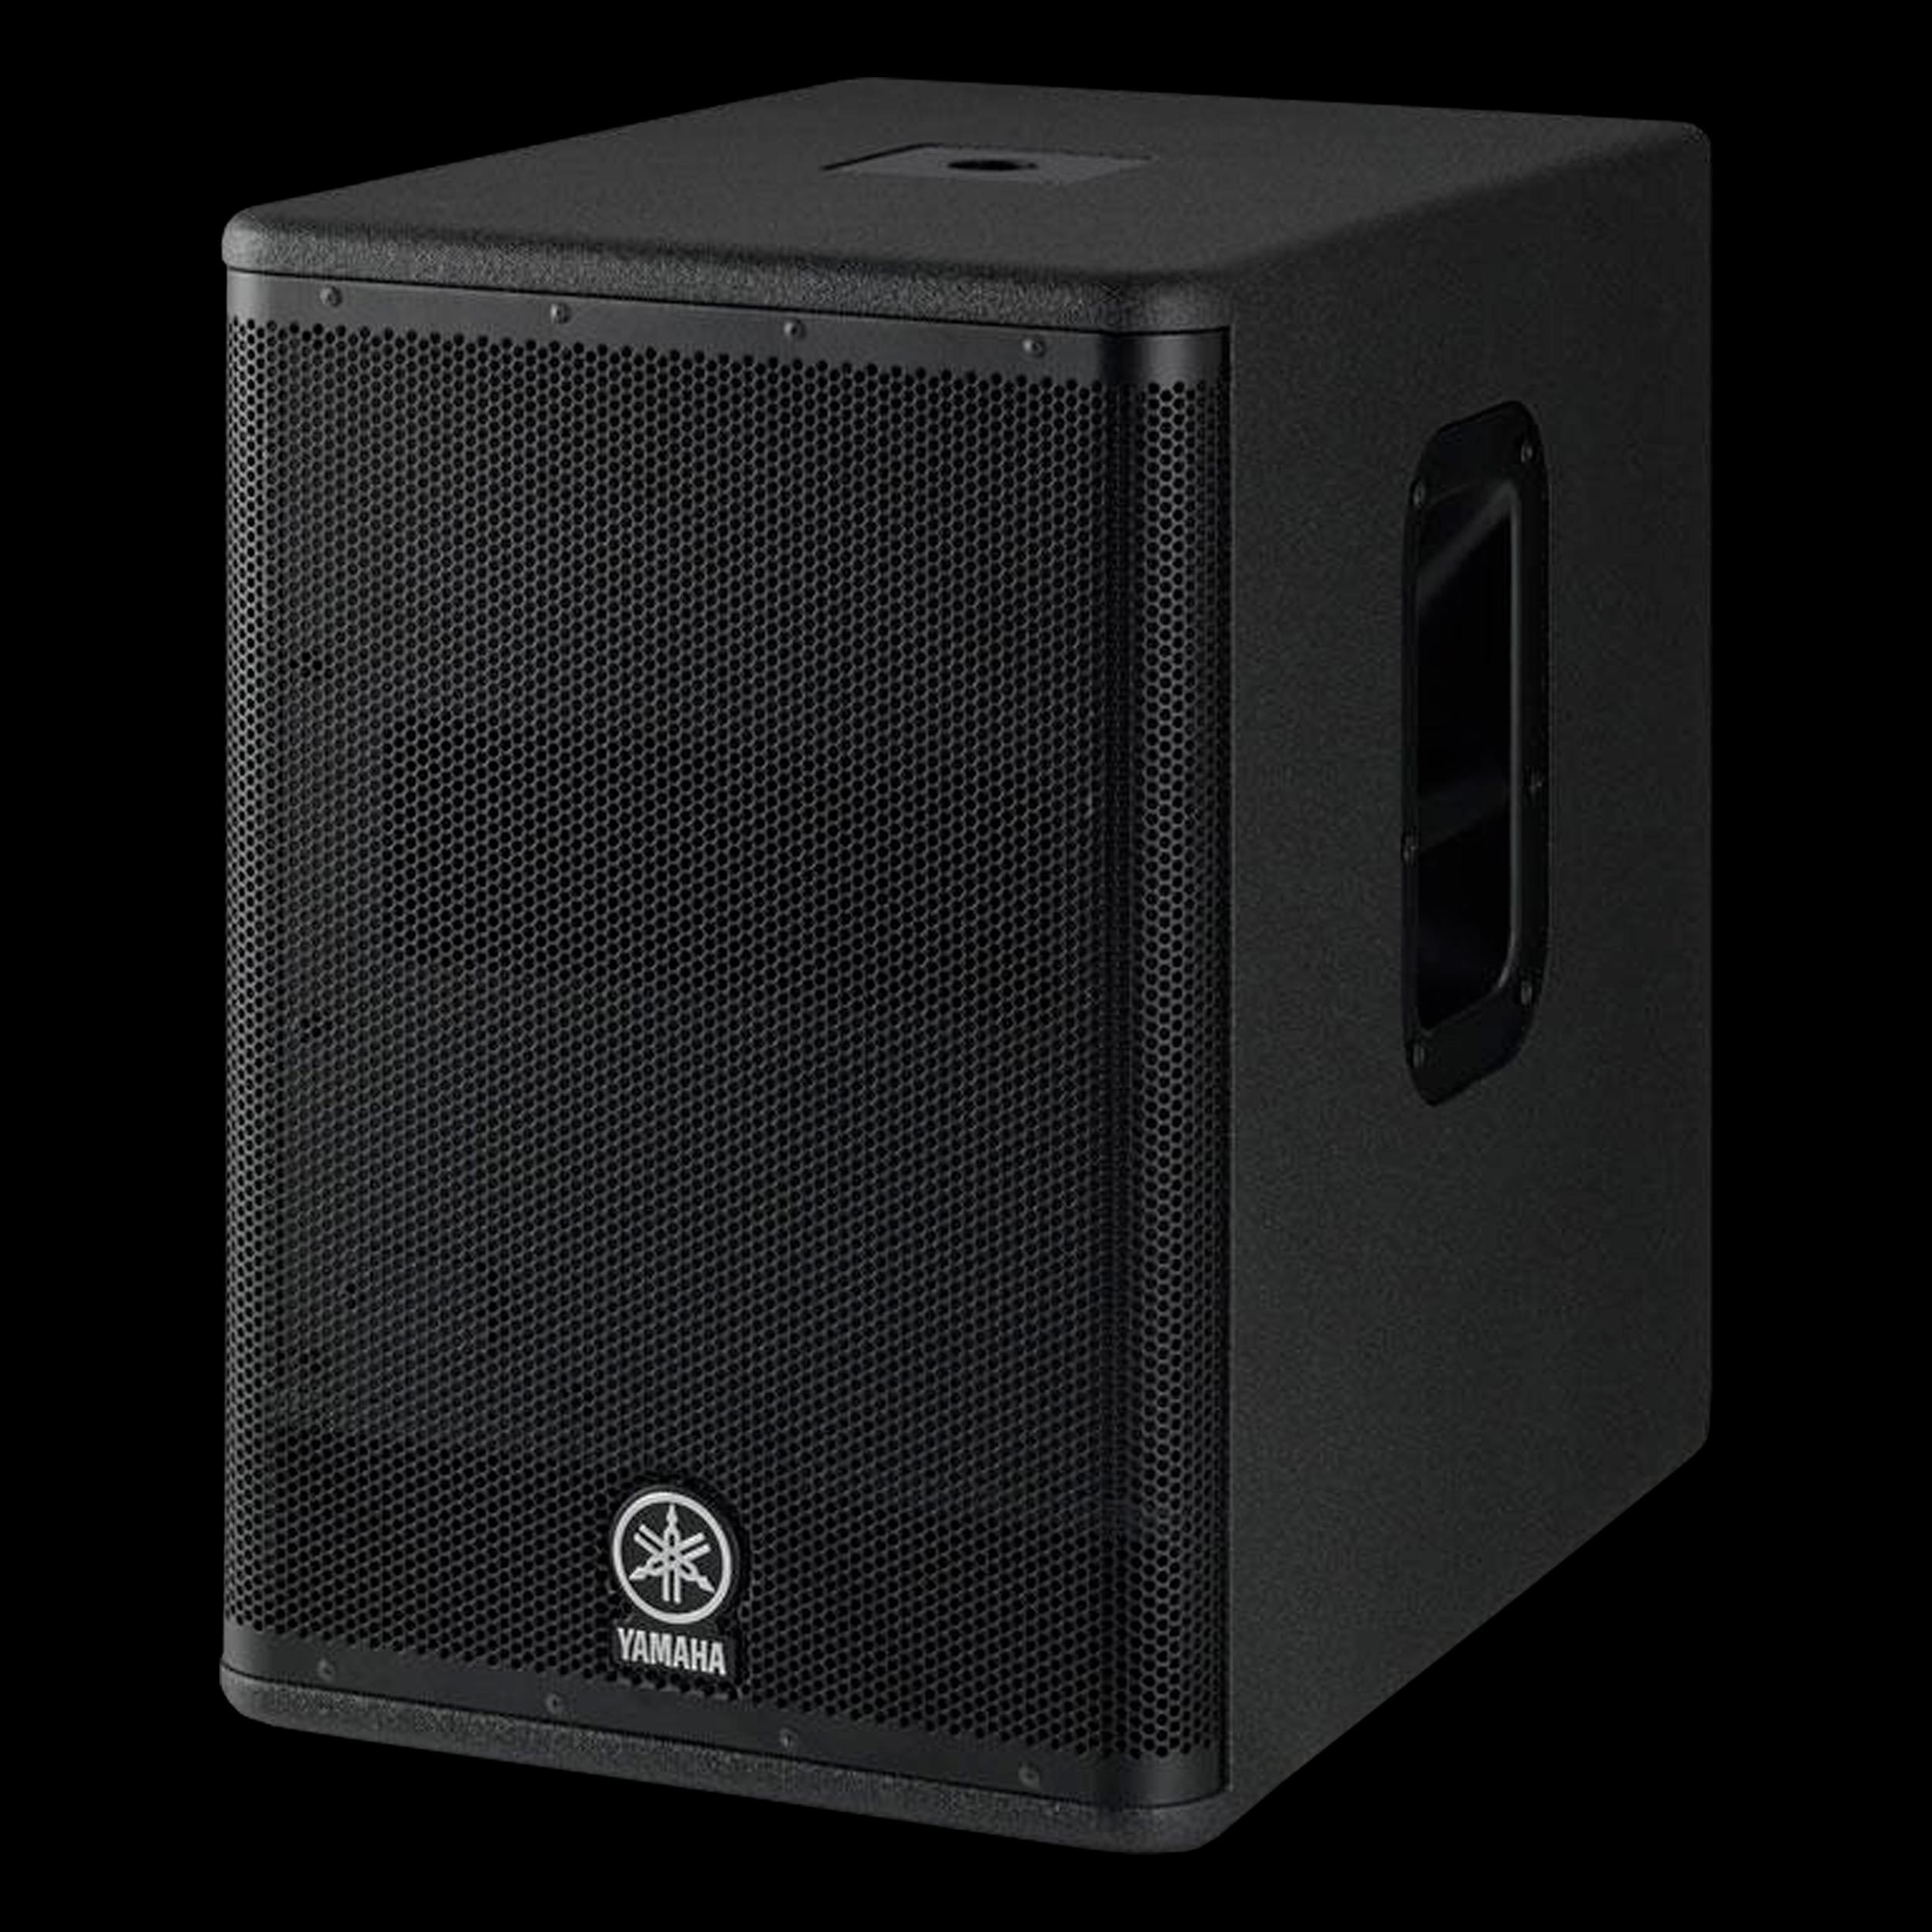 Yamaha dxs12 12 950w active subwoofer speaker ebay for Yamaha dxs12 specs